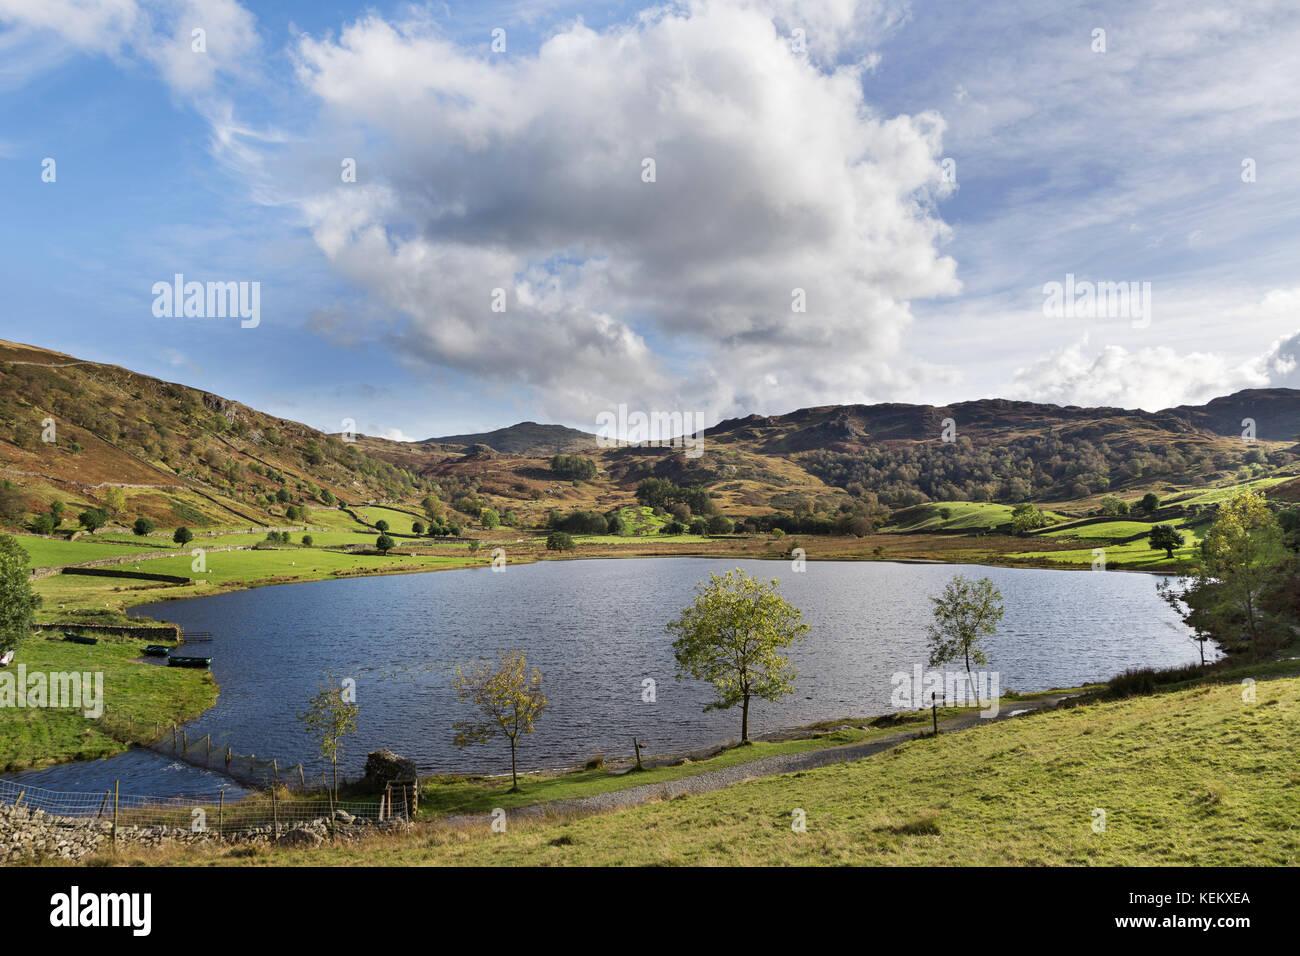 Lake District, Cumbria - Watendlath Tarn - Stock Image